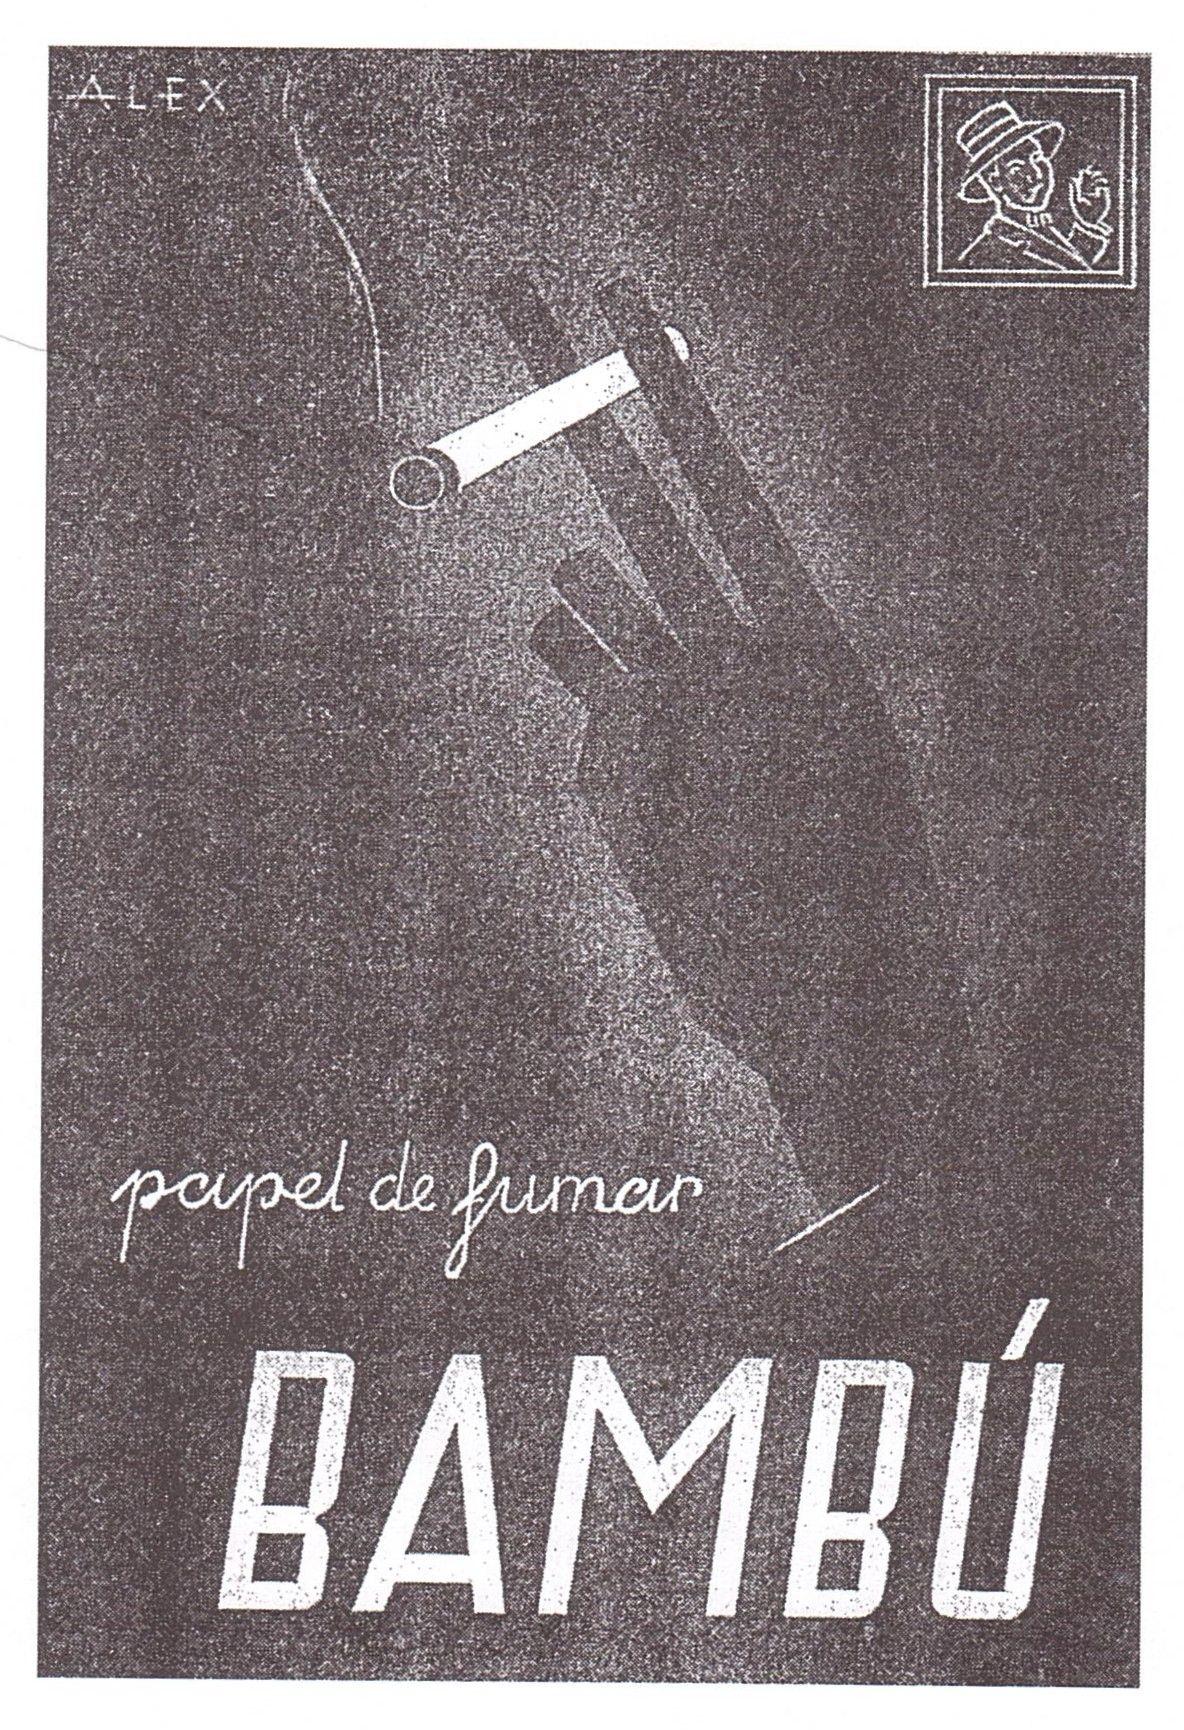 Bambu' papel de fumar